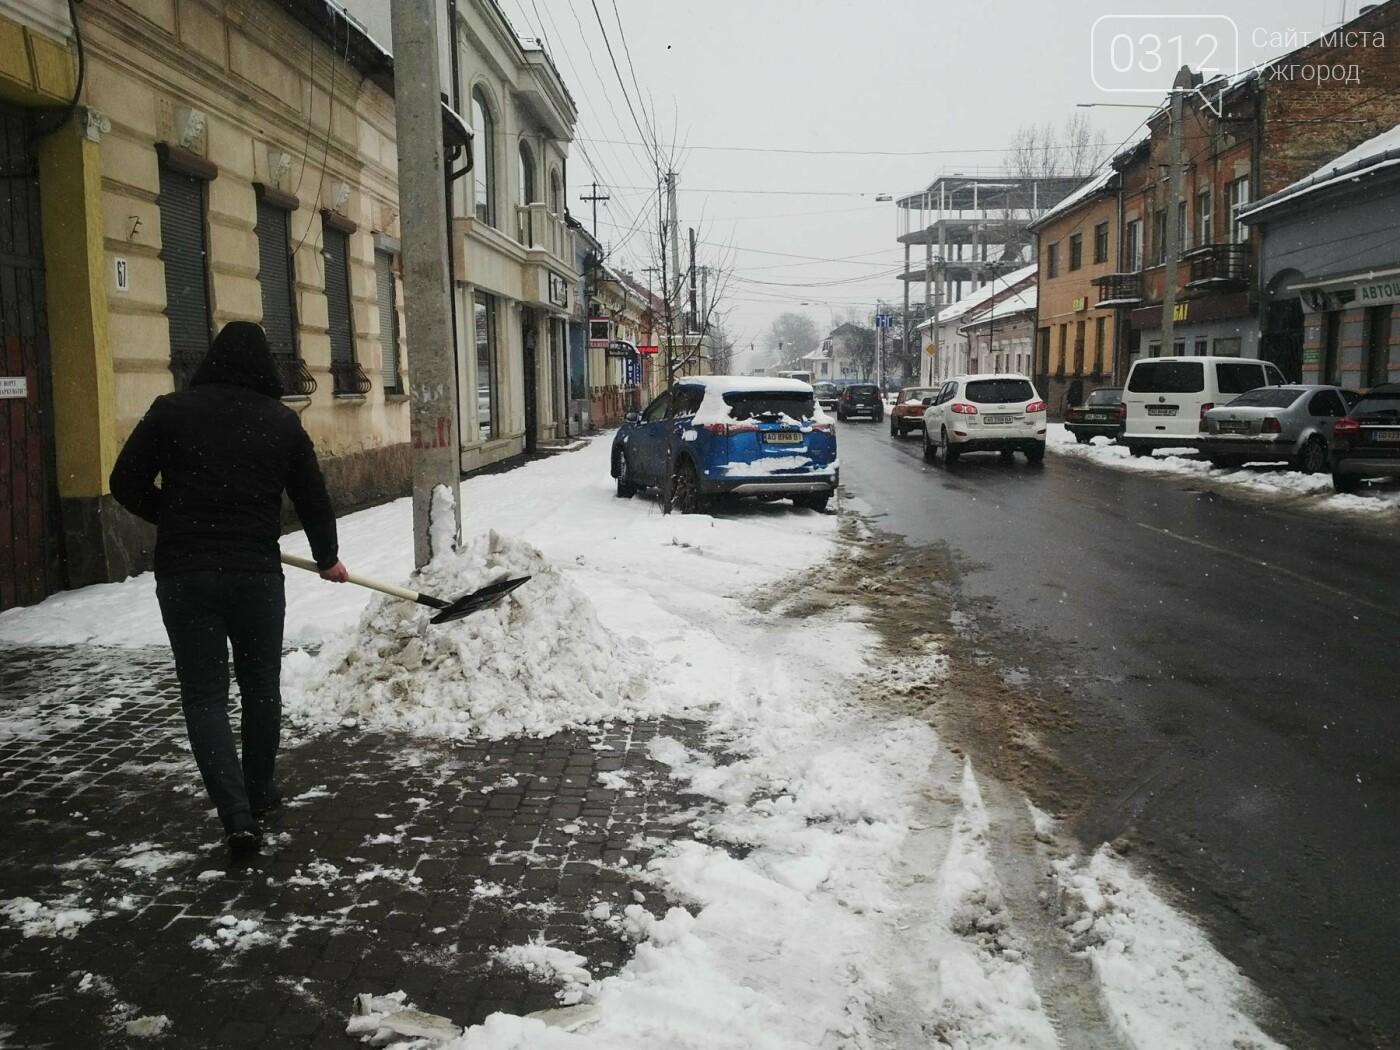 Ужгород - наодинці зі снігом: тротуари не розчищені та непідсипані, у двори не ступала нога комунальника (ФОТОРЕПОРТАЖ), фото-3